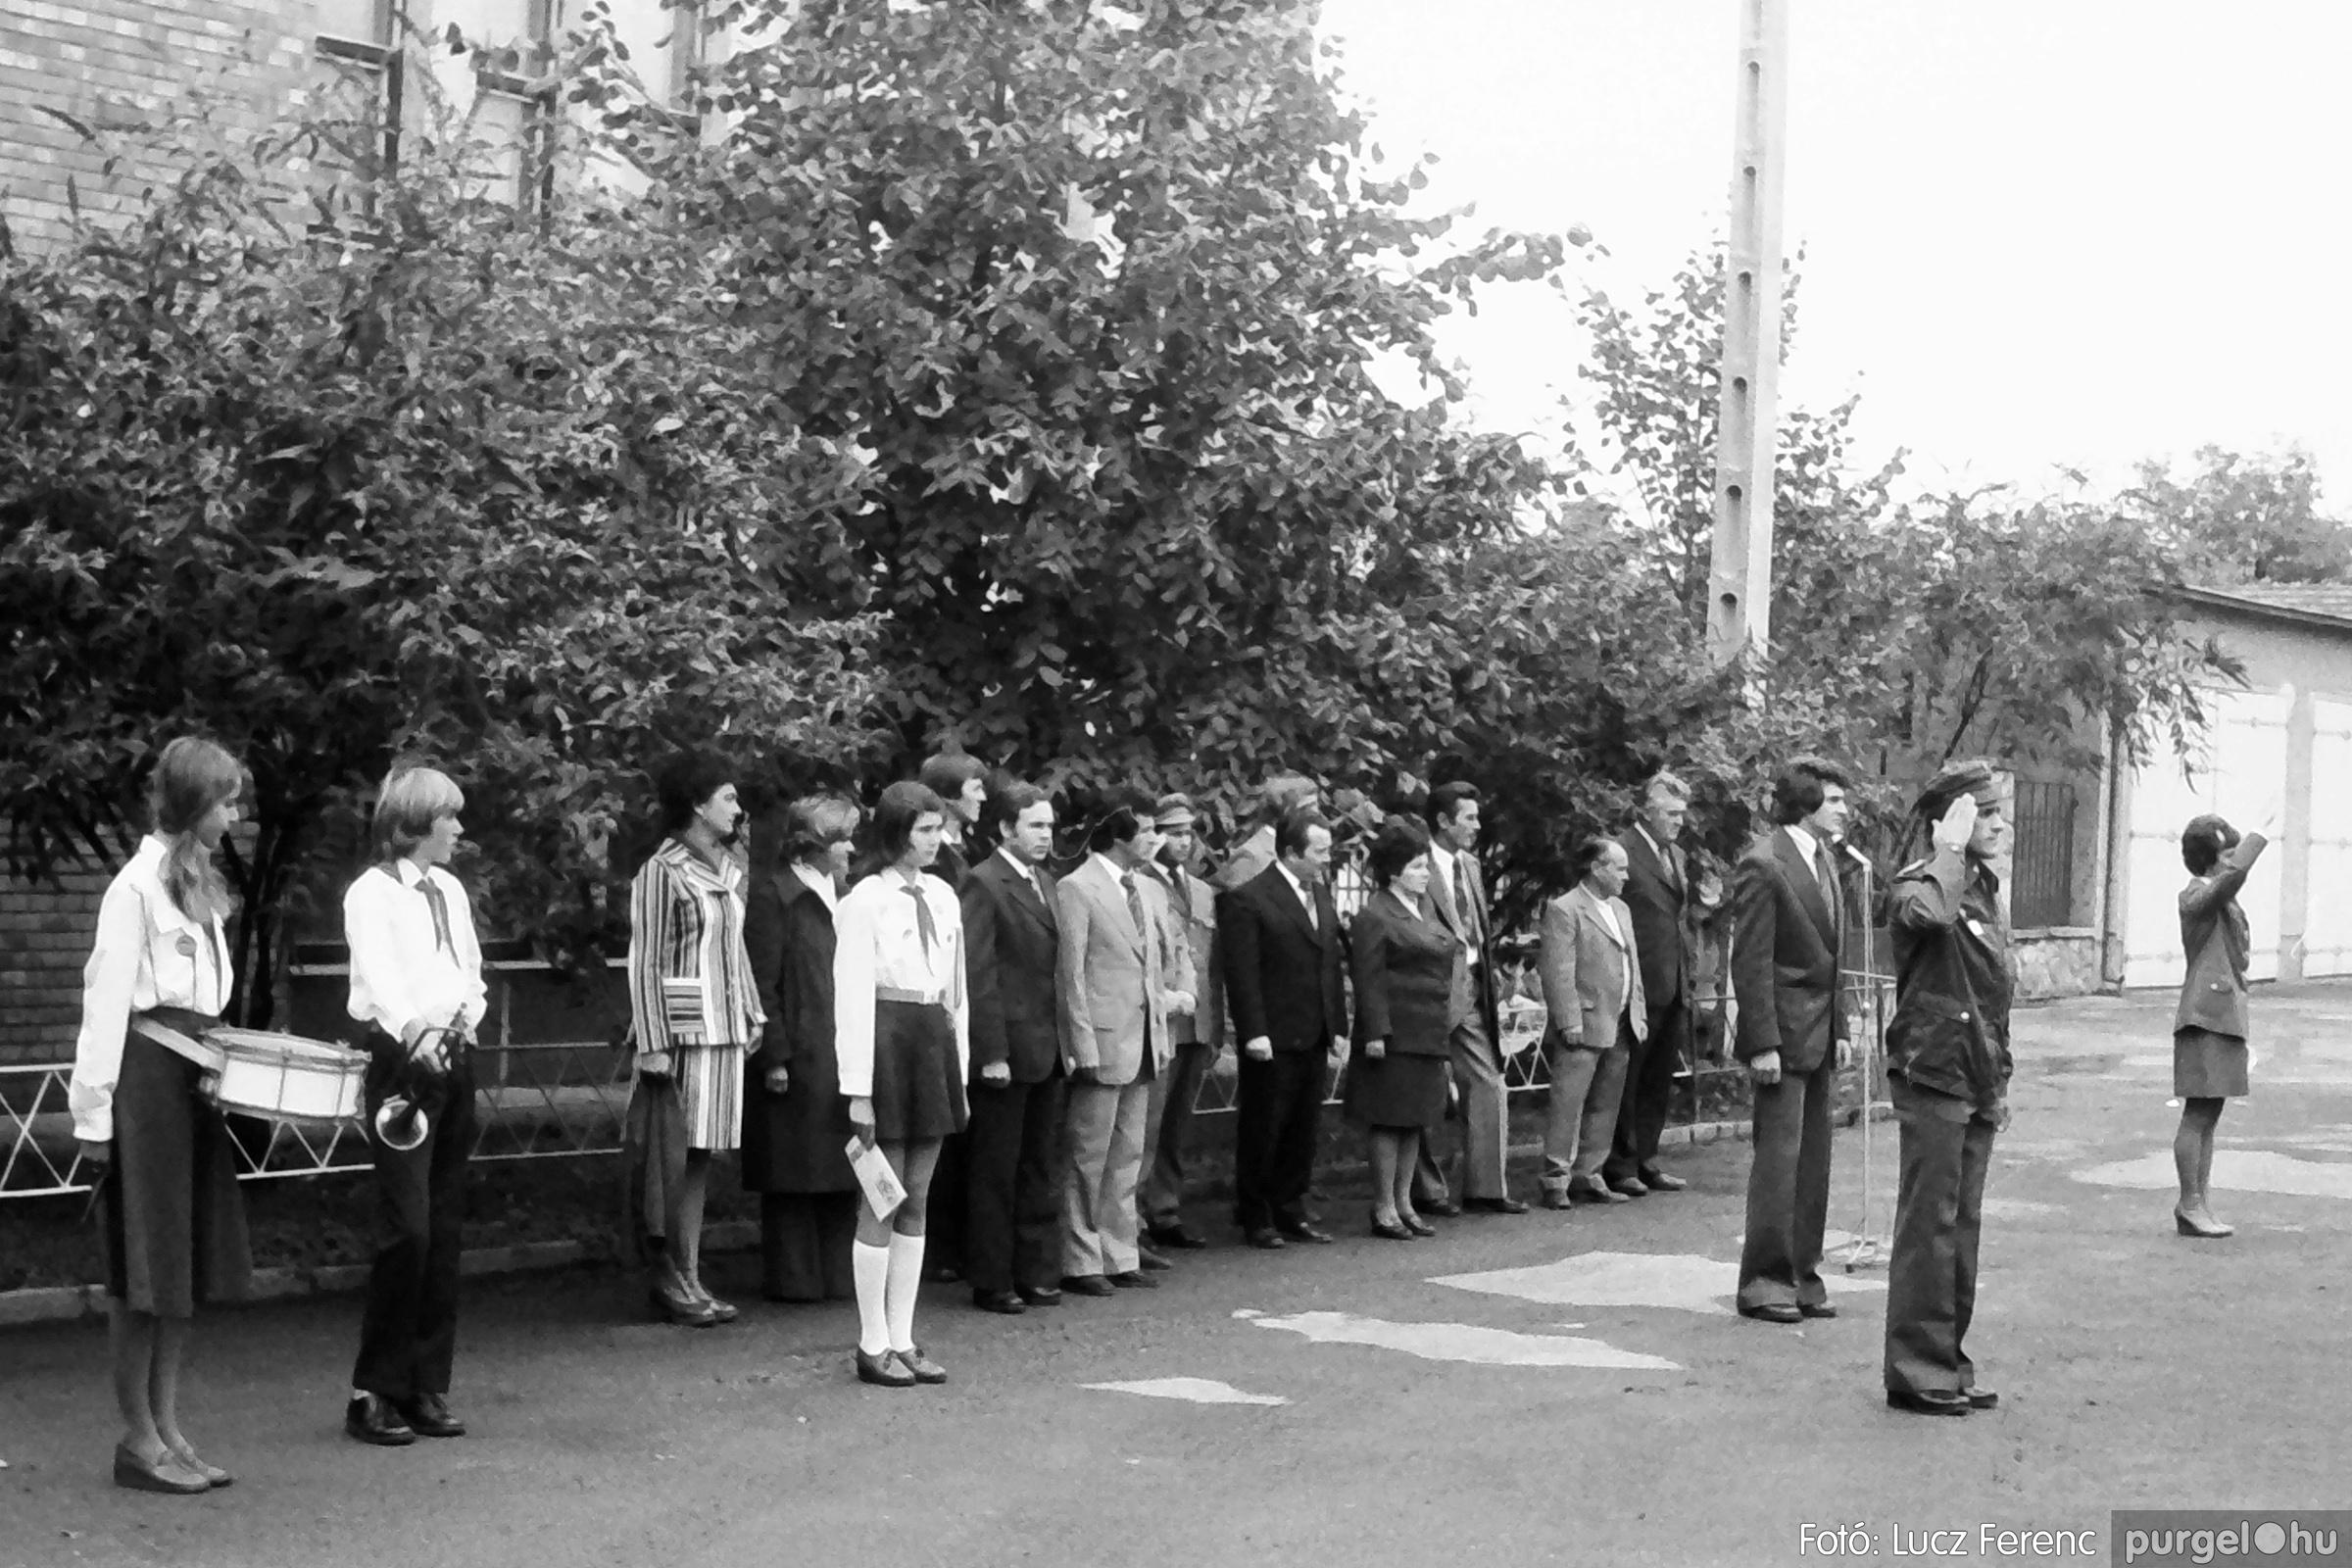 090. 1977. Úttörő gárda - ifjú gárda seregszemle 014. - Fotó: Lucz Ferenc.jpg